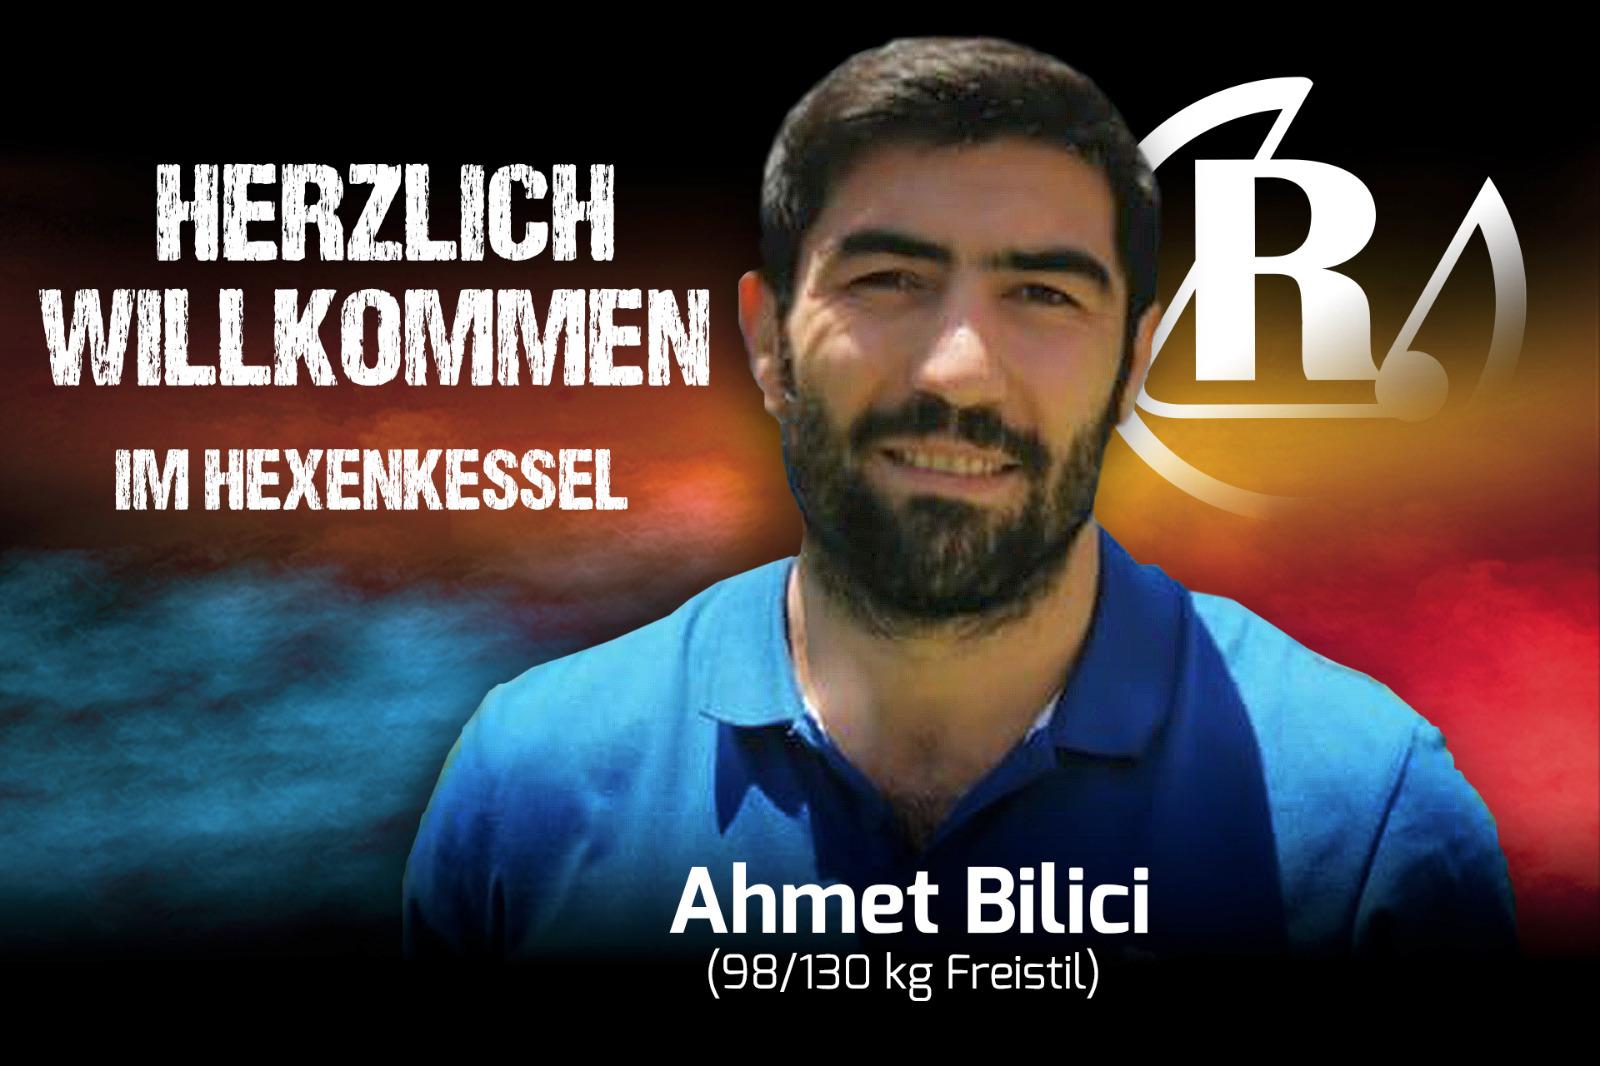 Ahmet Bilici kämpft in der kommenden Saison Für den RSV